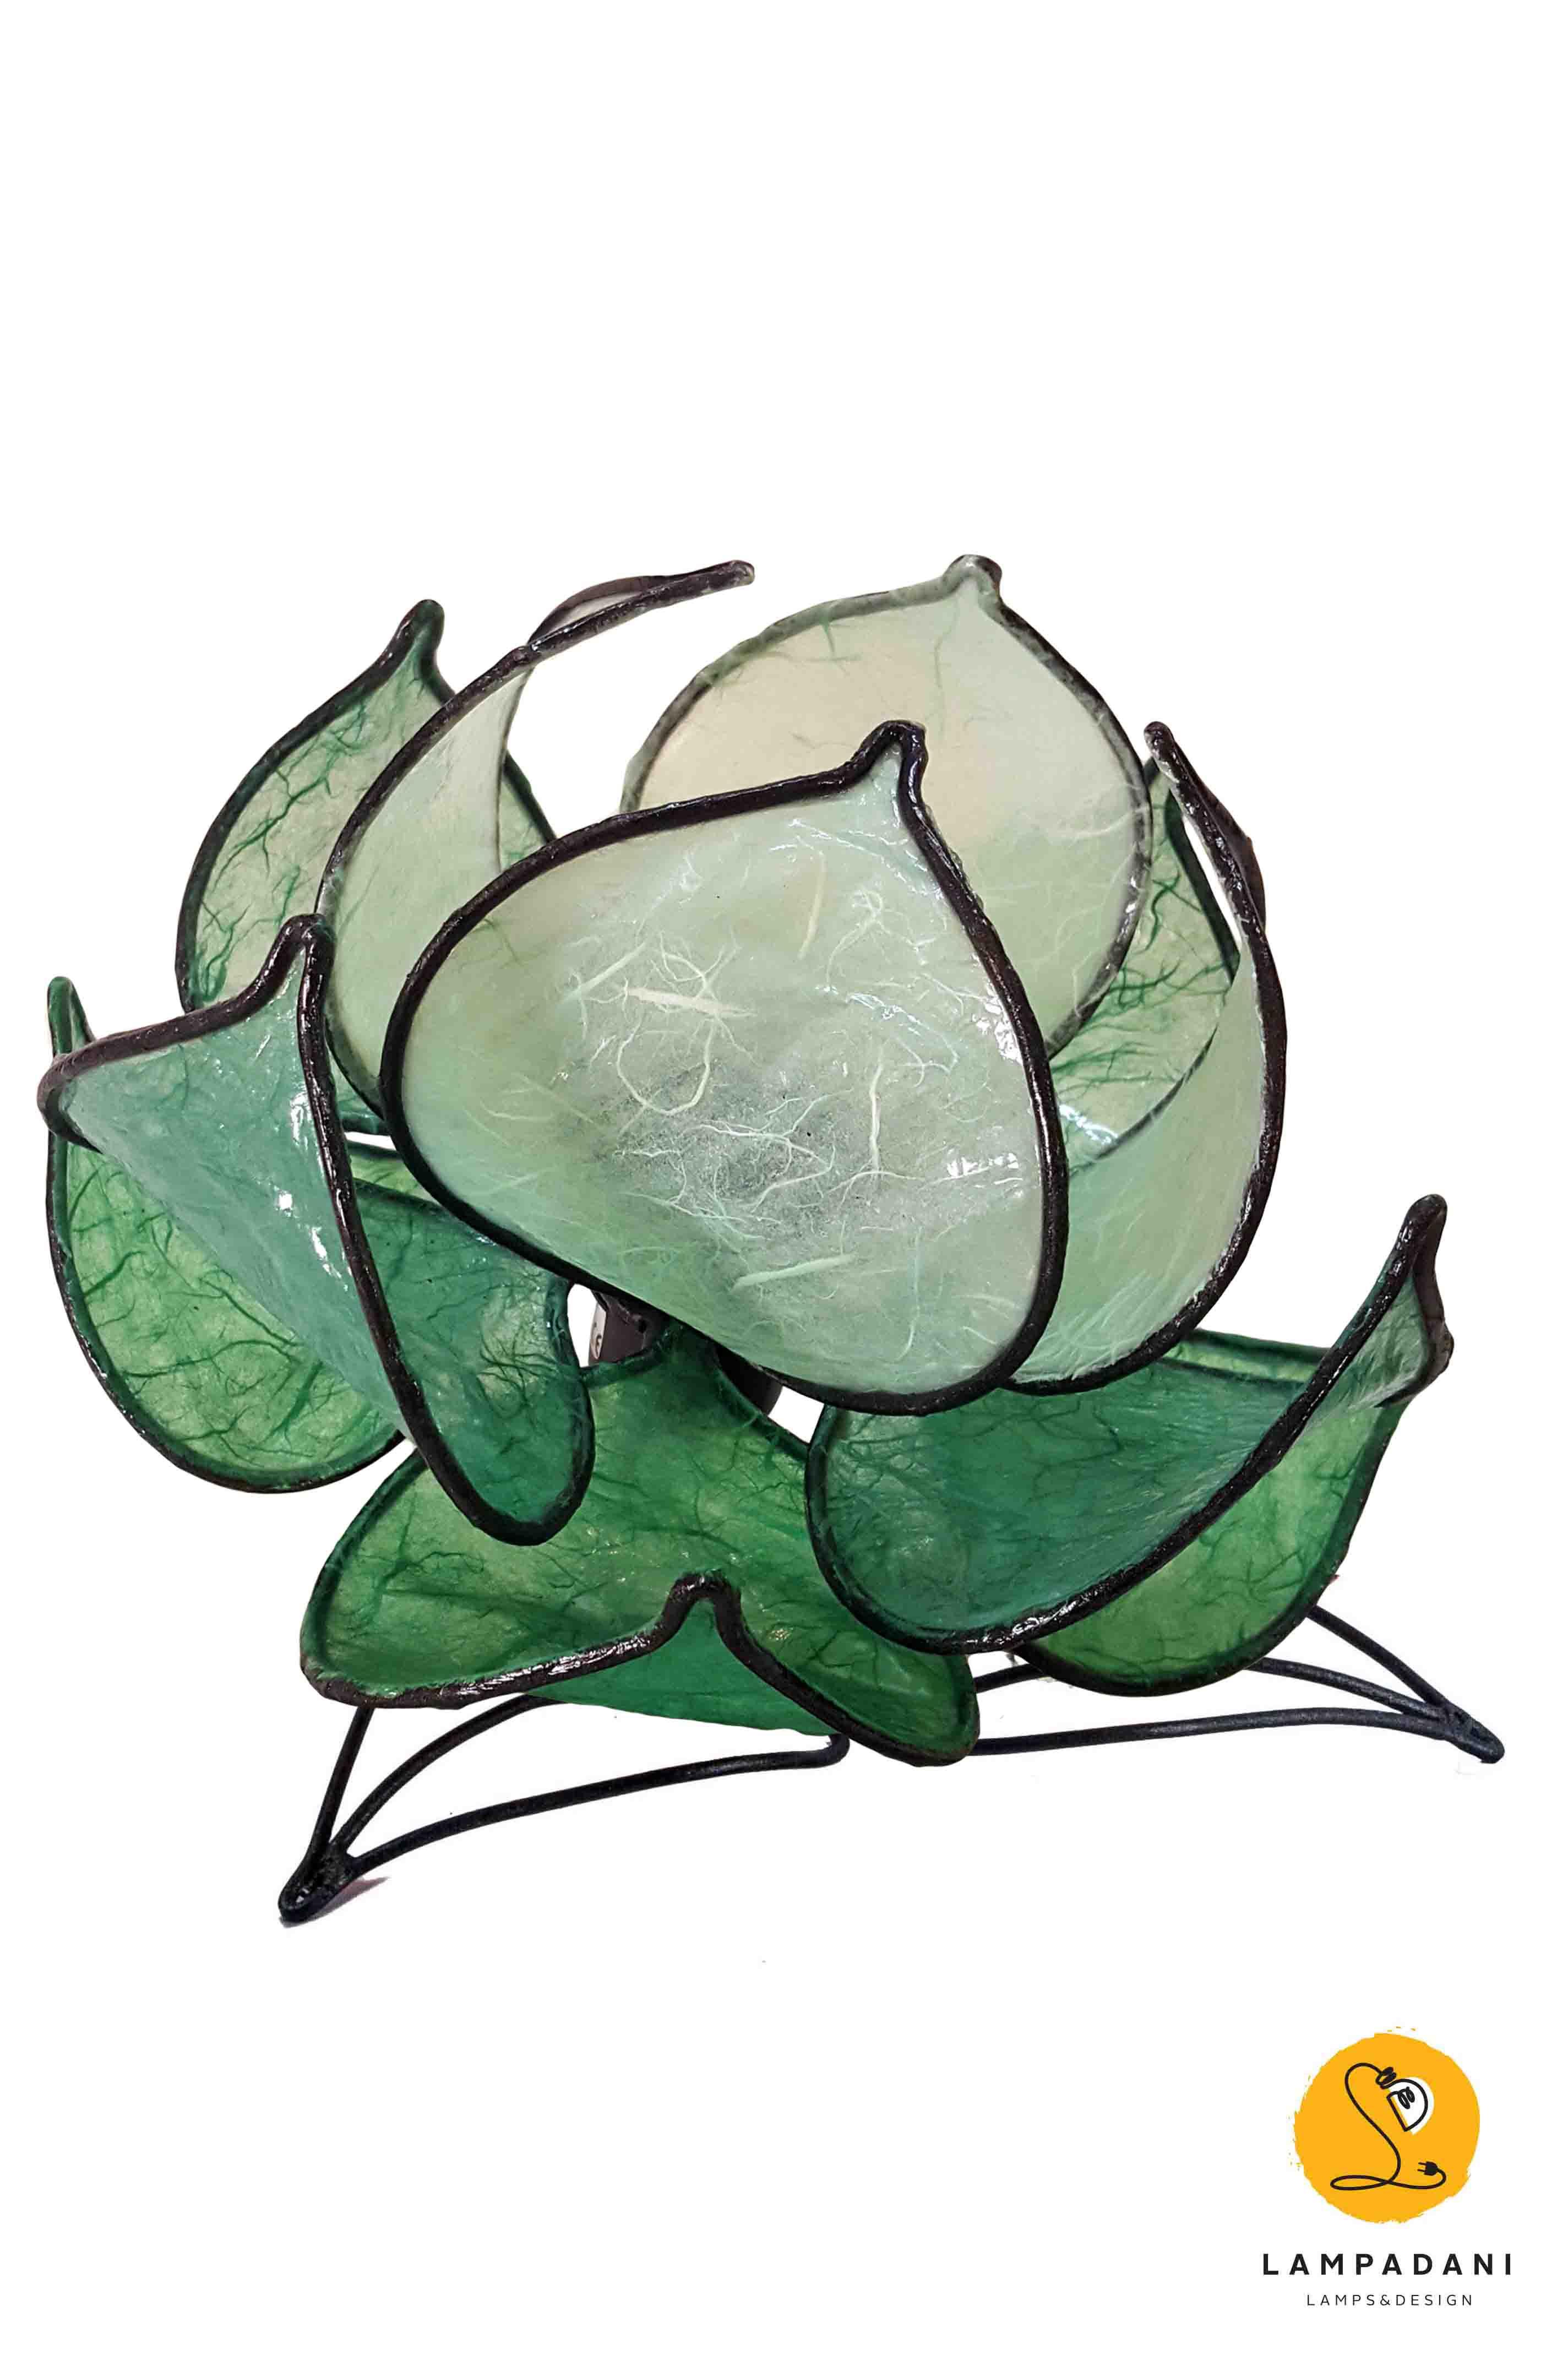 Lotus flower table lamp 12 petals low lampadani lotus flower table lamp 12 petals low izmirmasajfo Choice Image